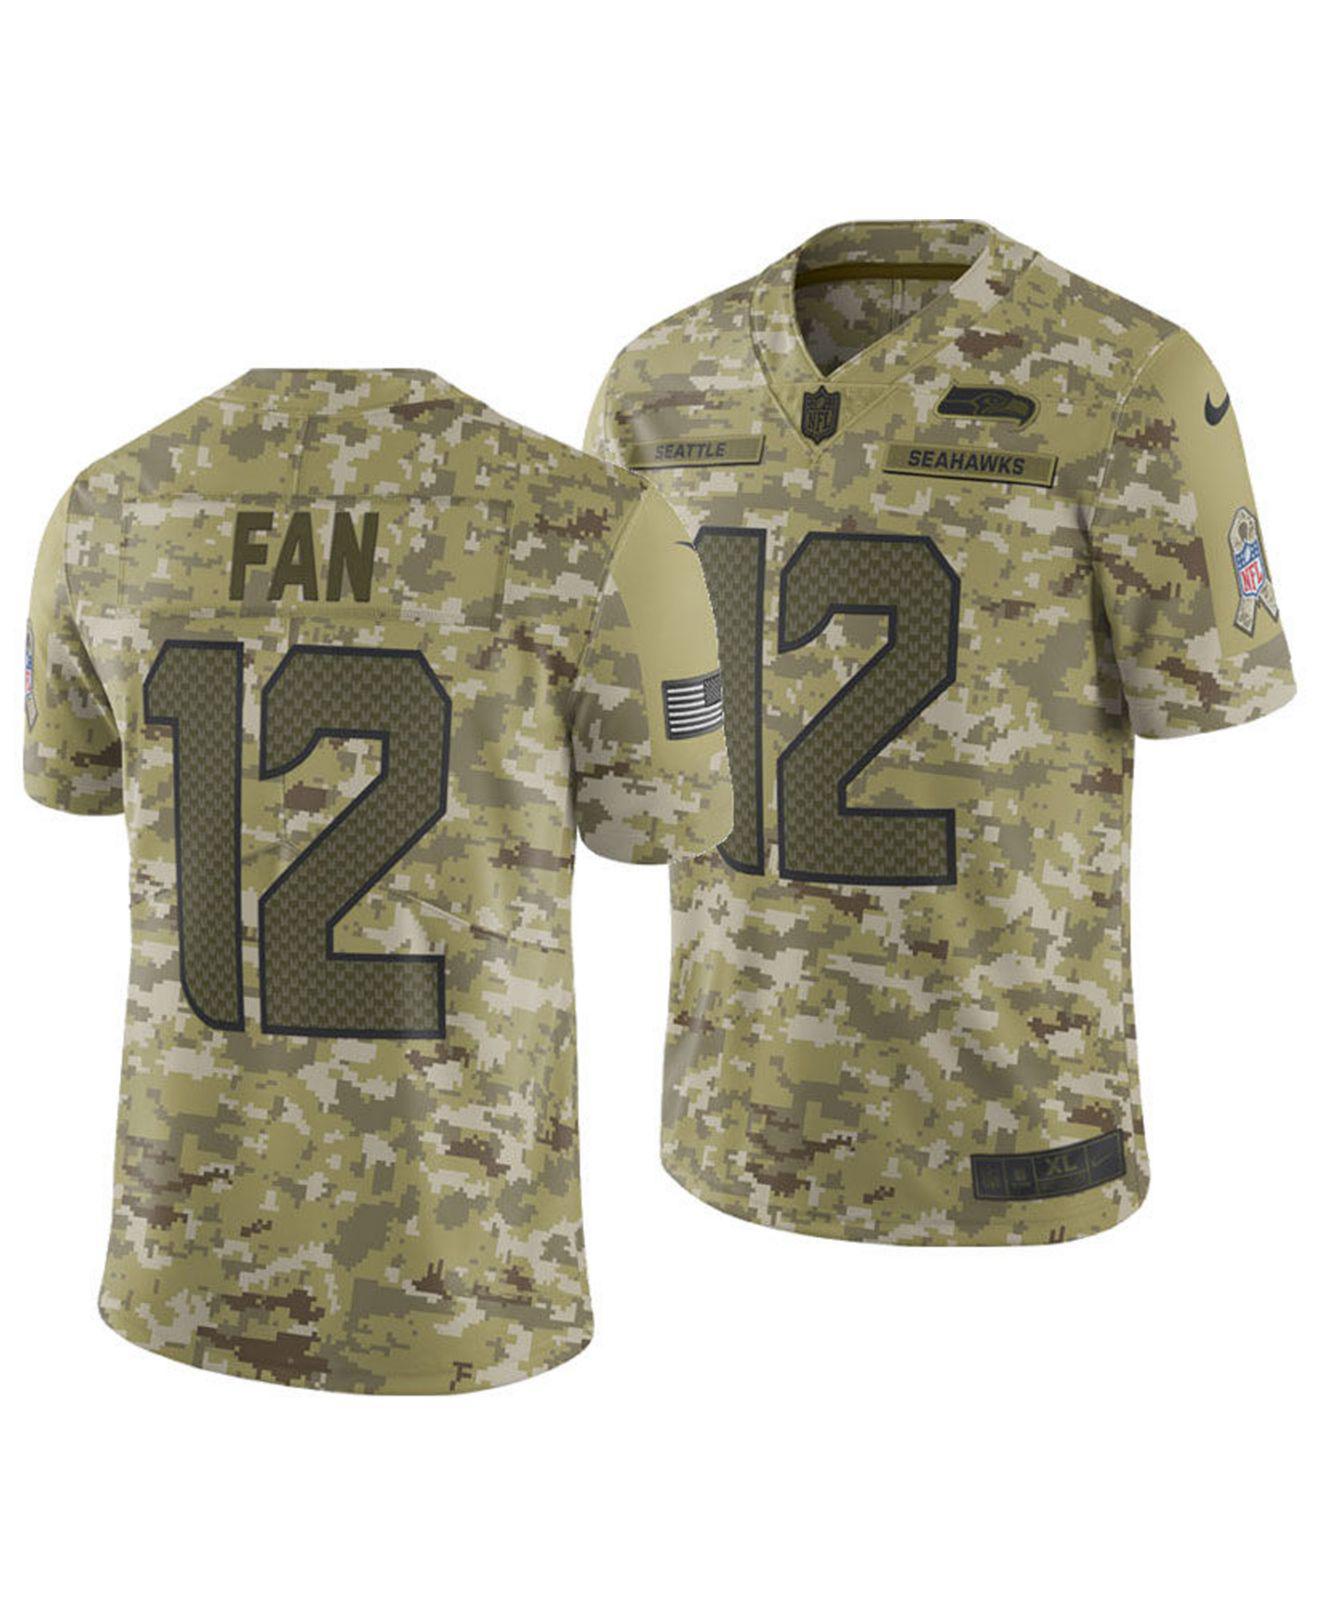 Lyst - Nike Fan  12 Seattle Seahawks Salute To Service Jersey 2018 ... fcc9f4109